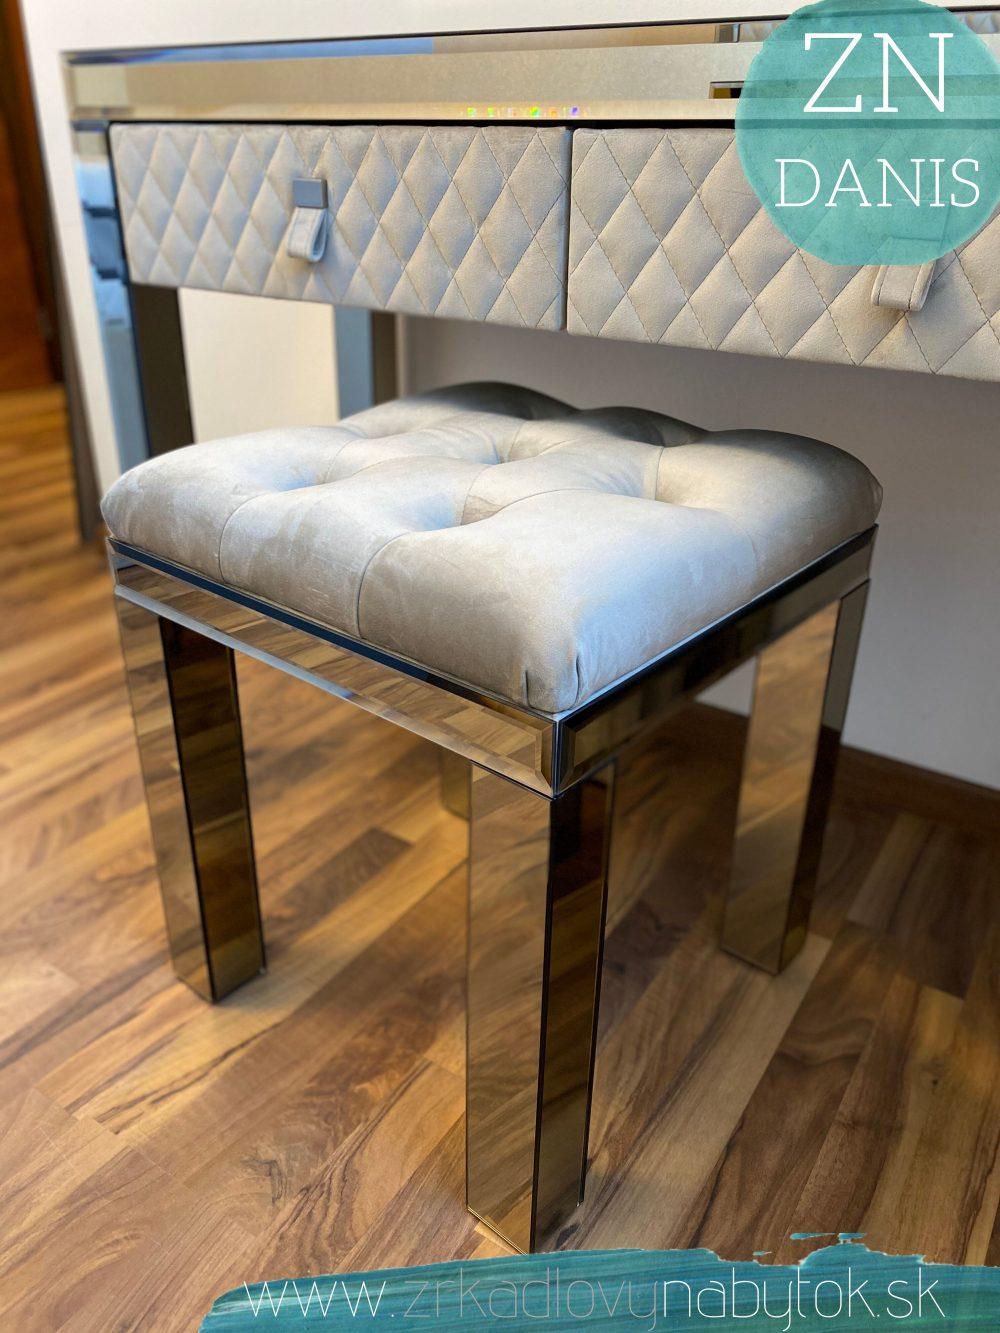 ZRKADLOVÝ Toaletný stolík TARN